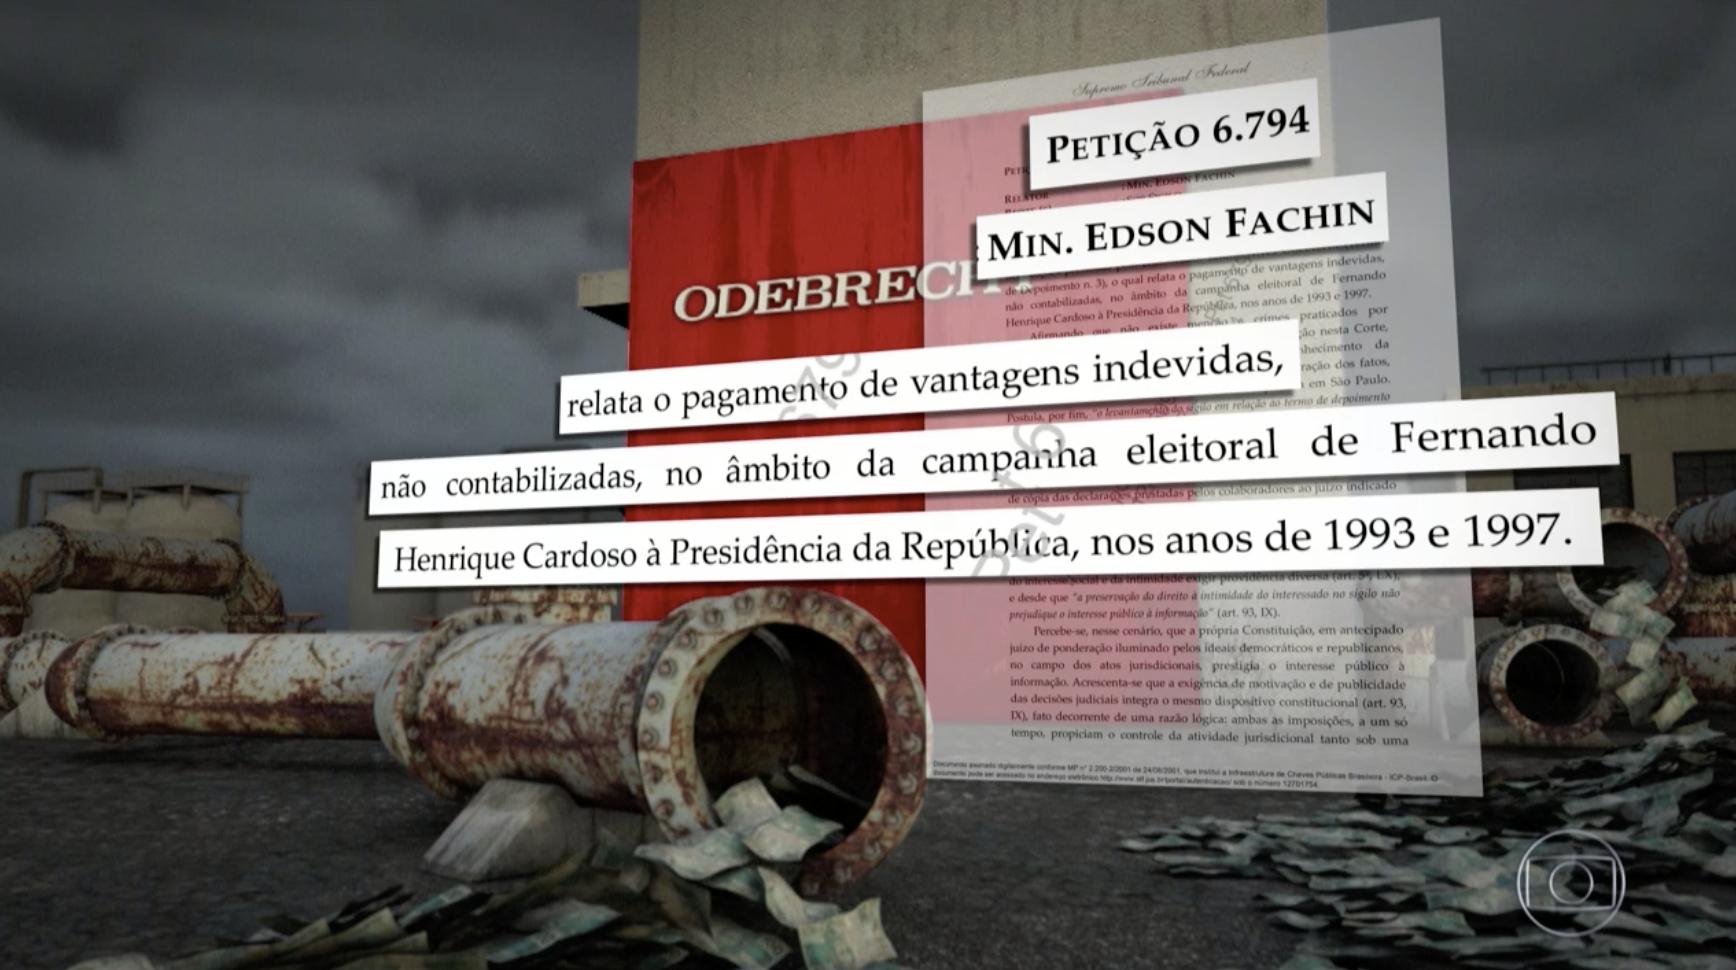 JN que preocupou Moro citou 21 políticos delatados, inclusive Aécio, Serra e Alckmin — mas Moro só buscou informações sobre o caso FHC